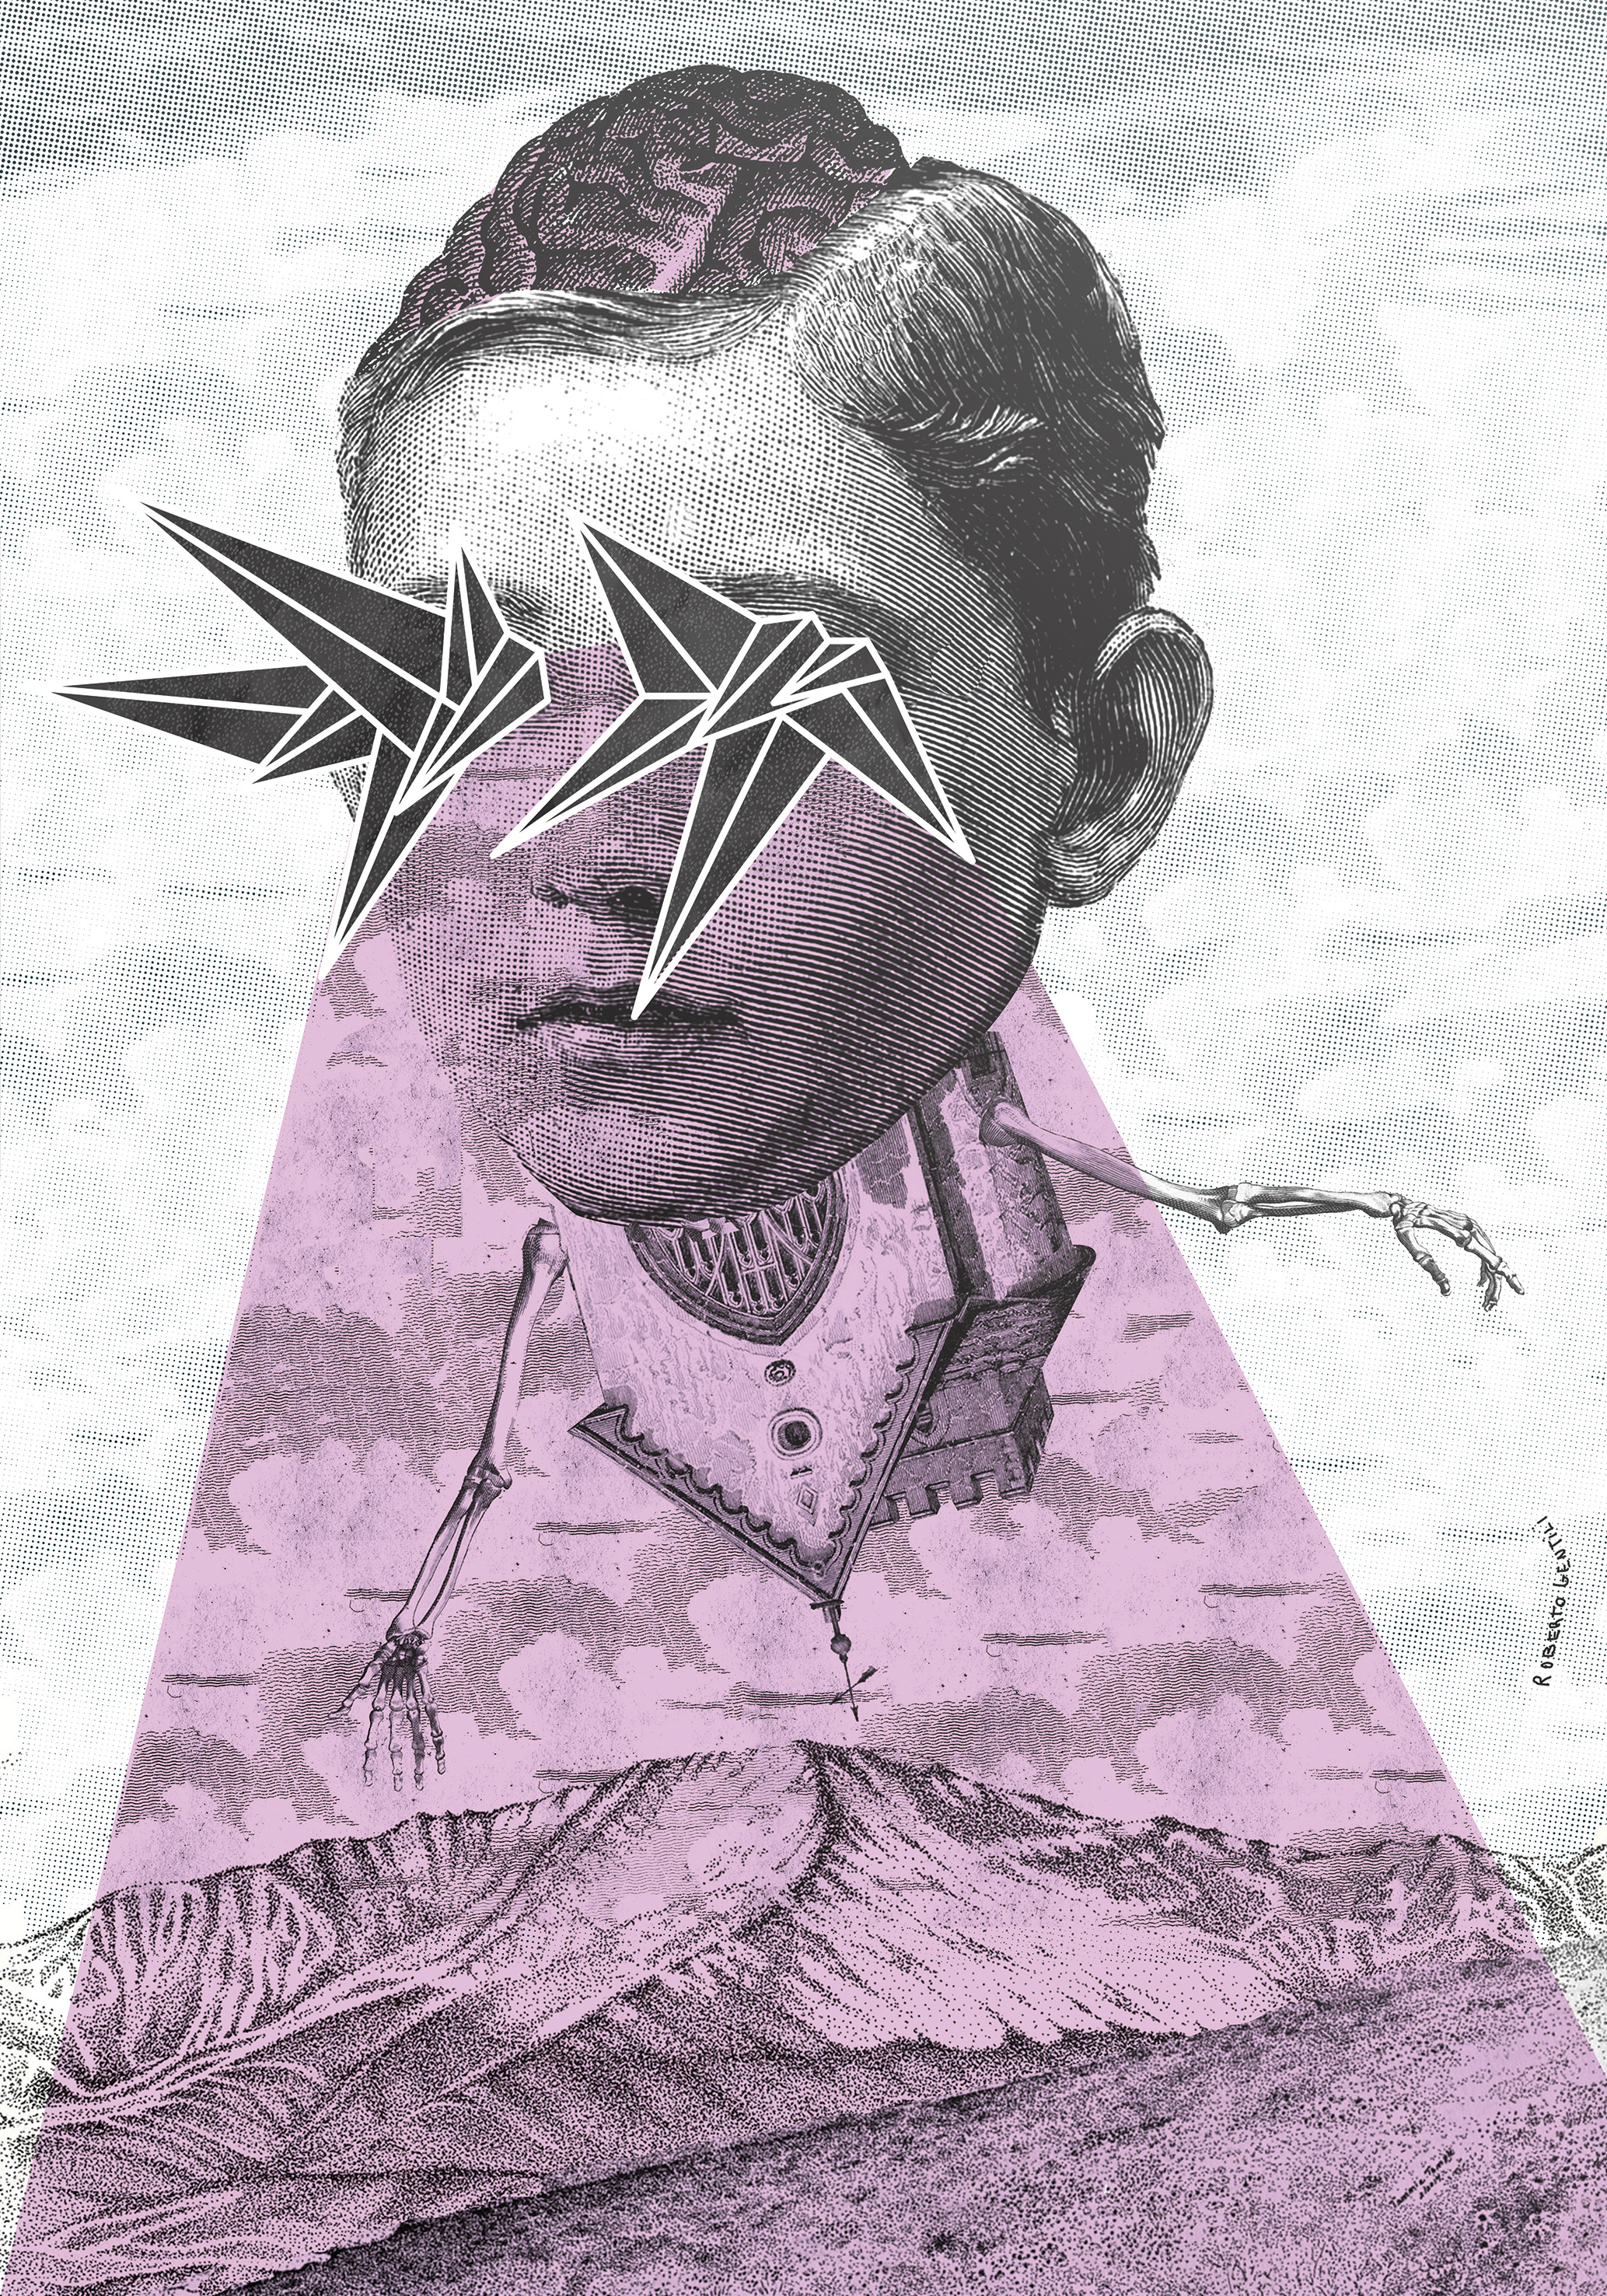 Visions, la visione post apocalittica nei poster di Roberto Gentili | Collater.al 3